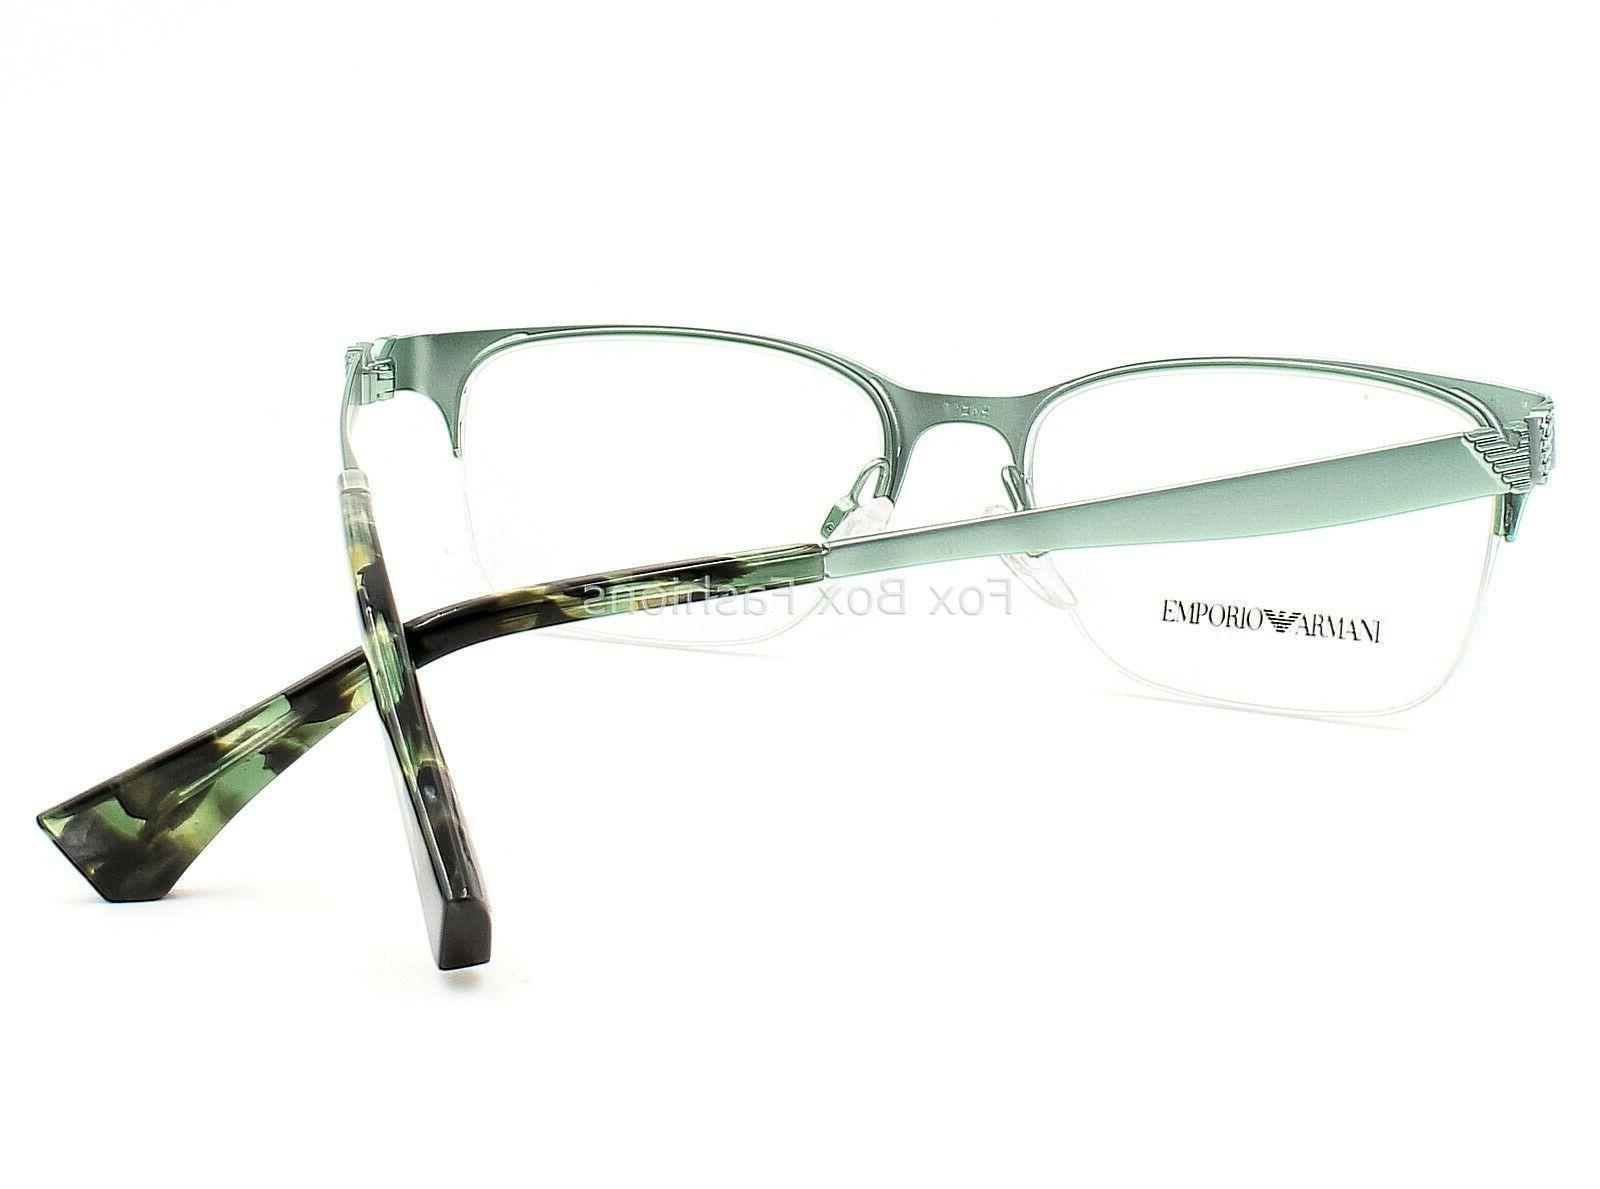 Emporio Armani EA Glasses Mint